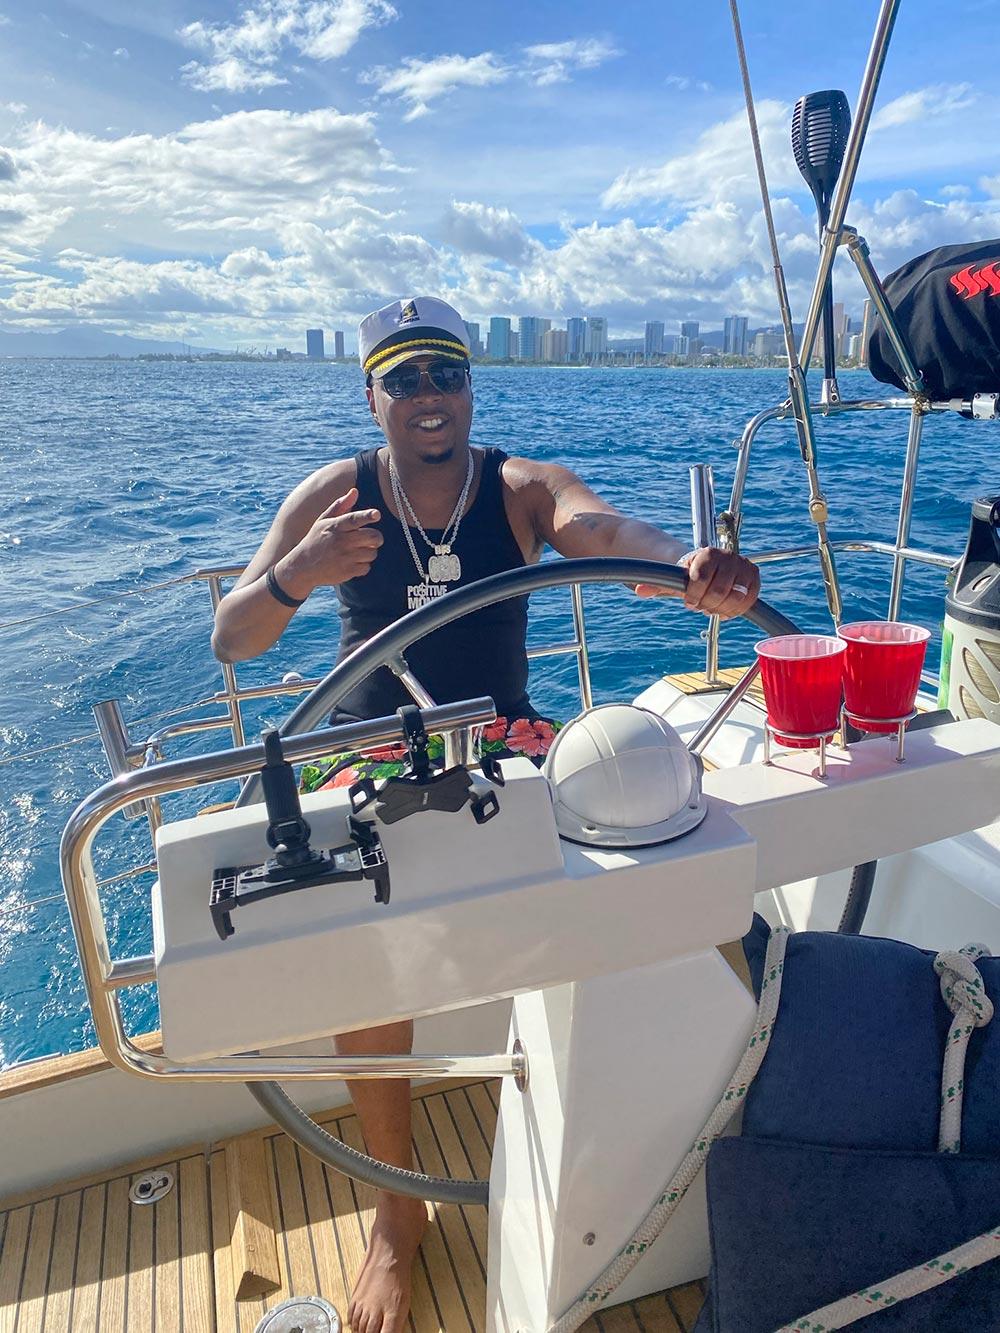 Sailing fun in Honolulu